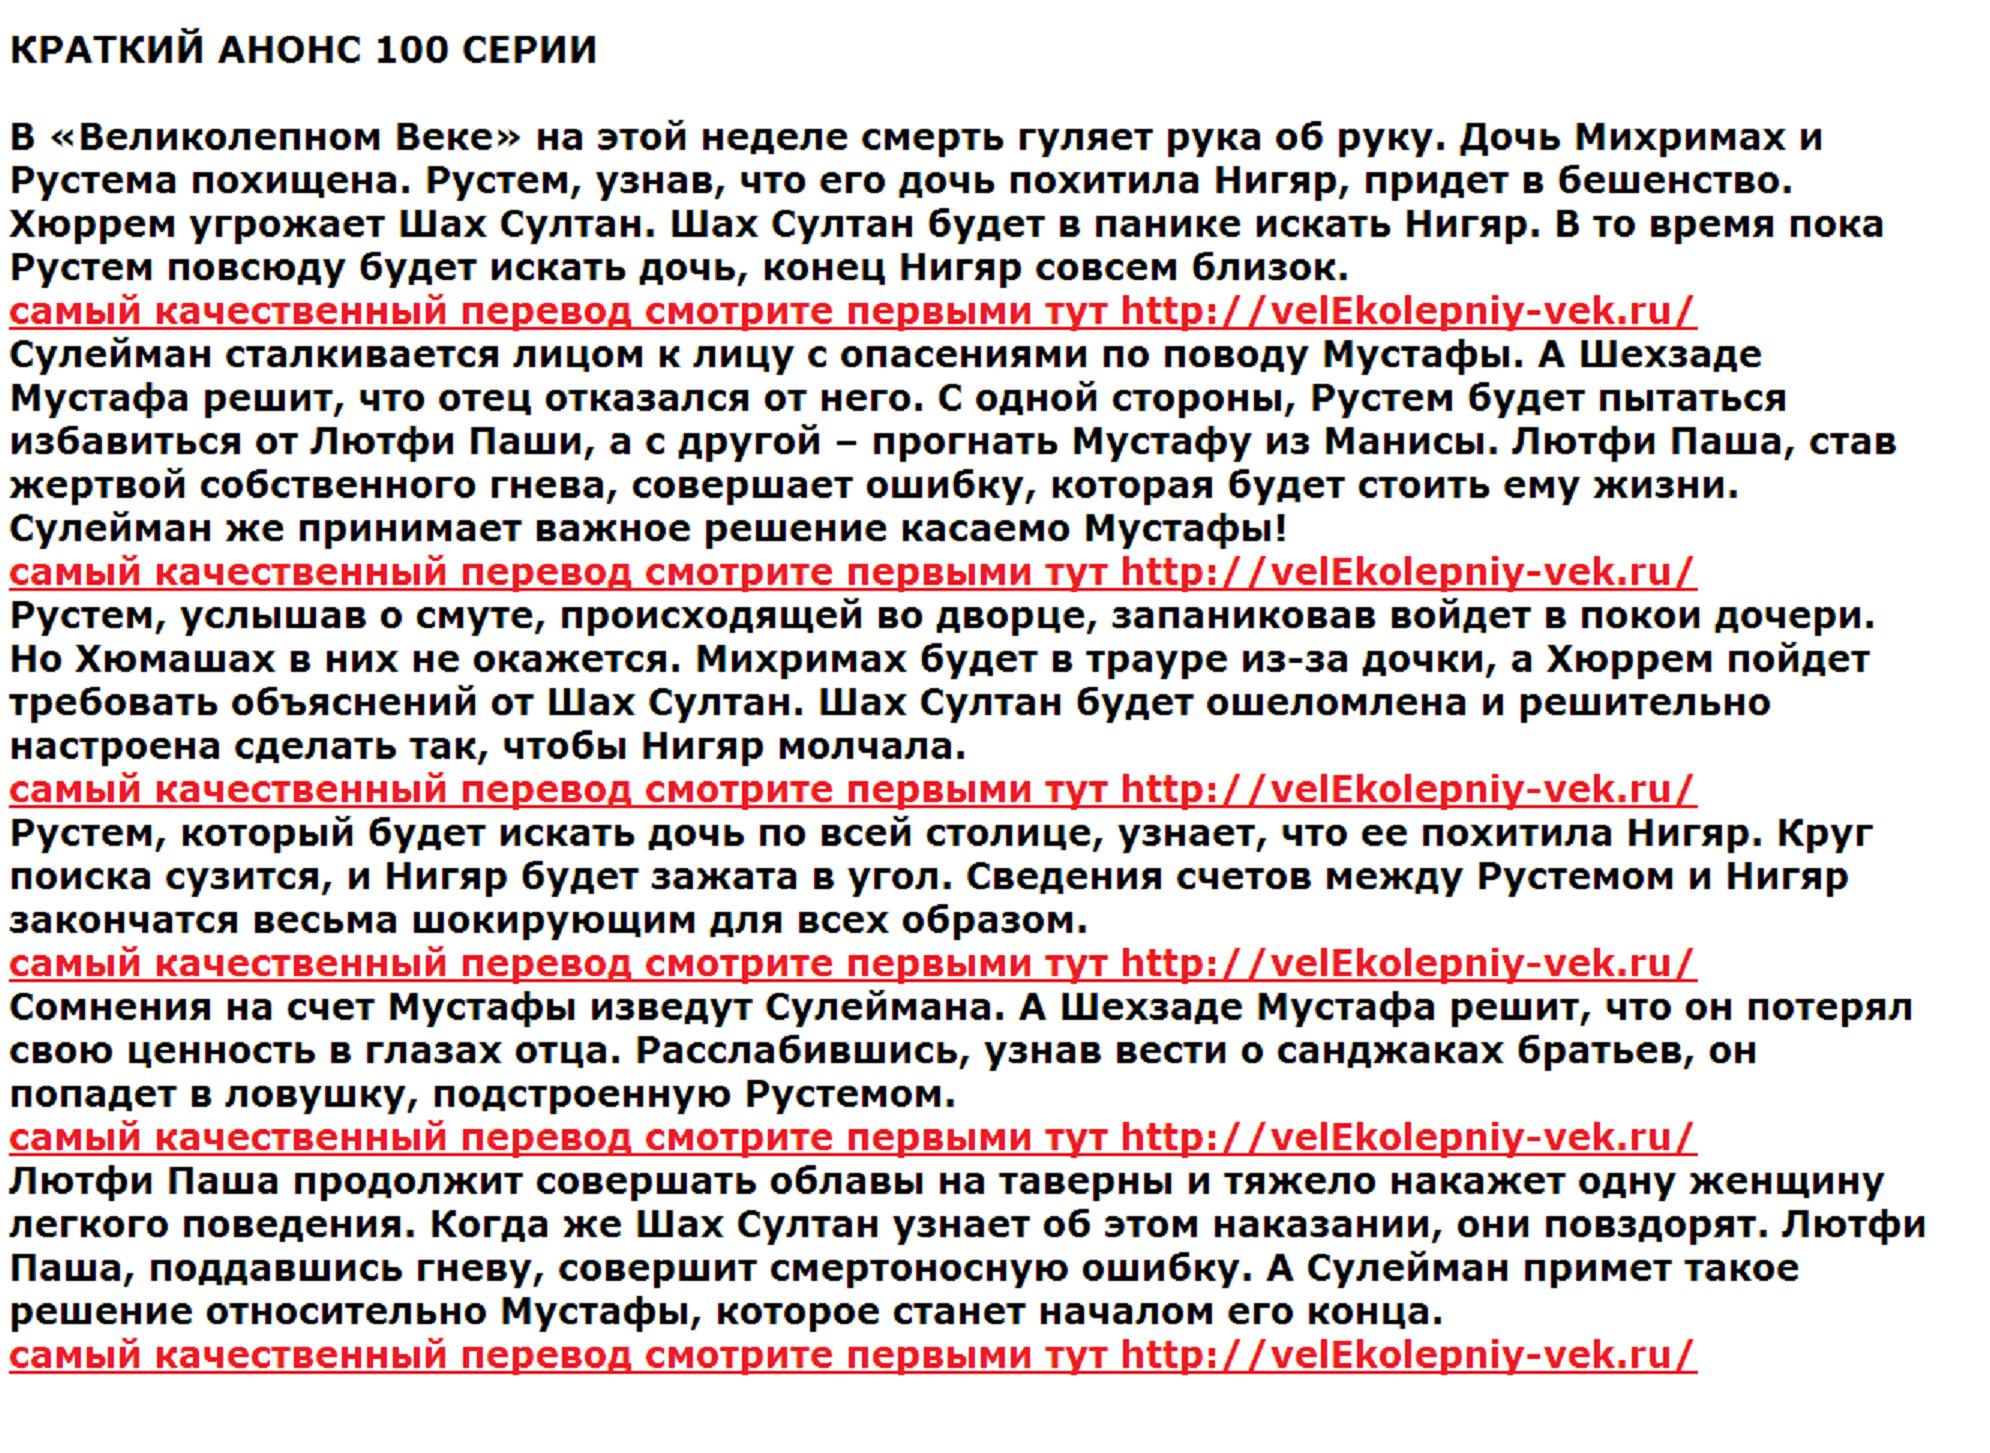 http://s1.uploads.ru/NgzZ0.png